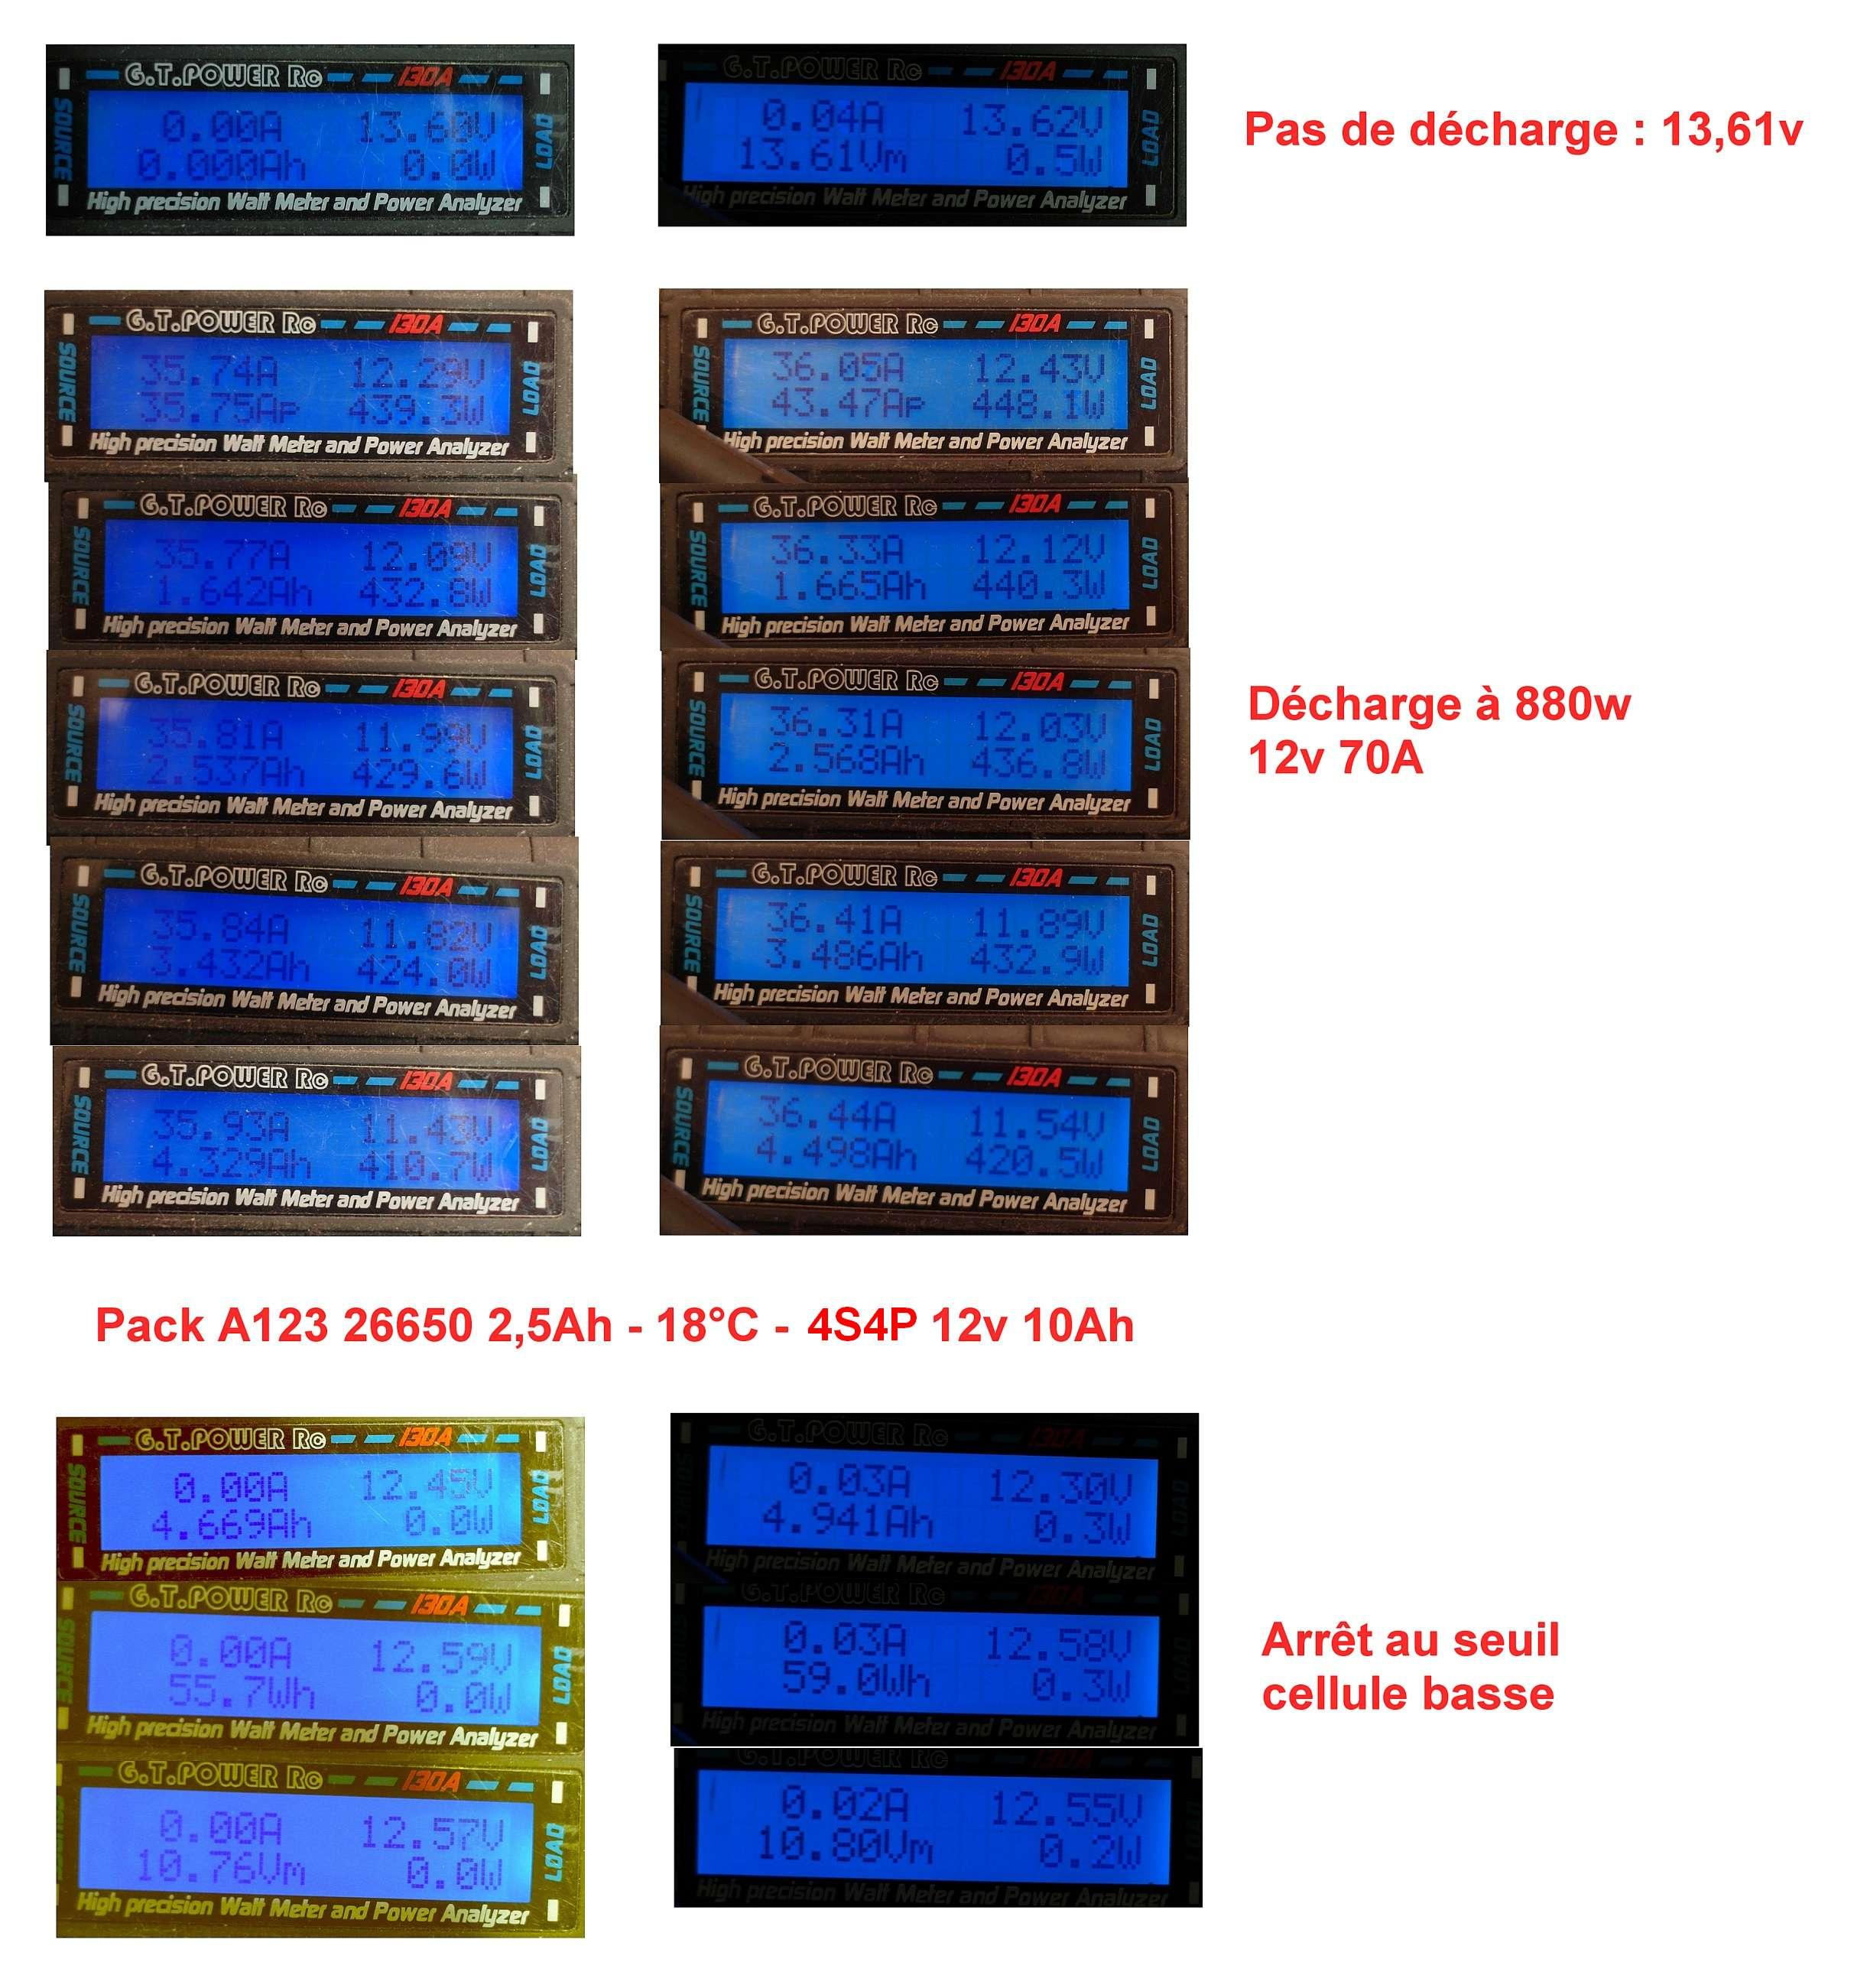 pack a123 pour remplacer ma batterie de voiture forum batteries base de cellules. Black Bedroom Furniture Sets. Home Design Ideas